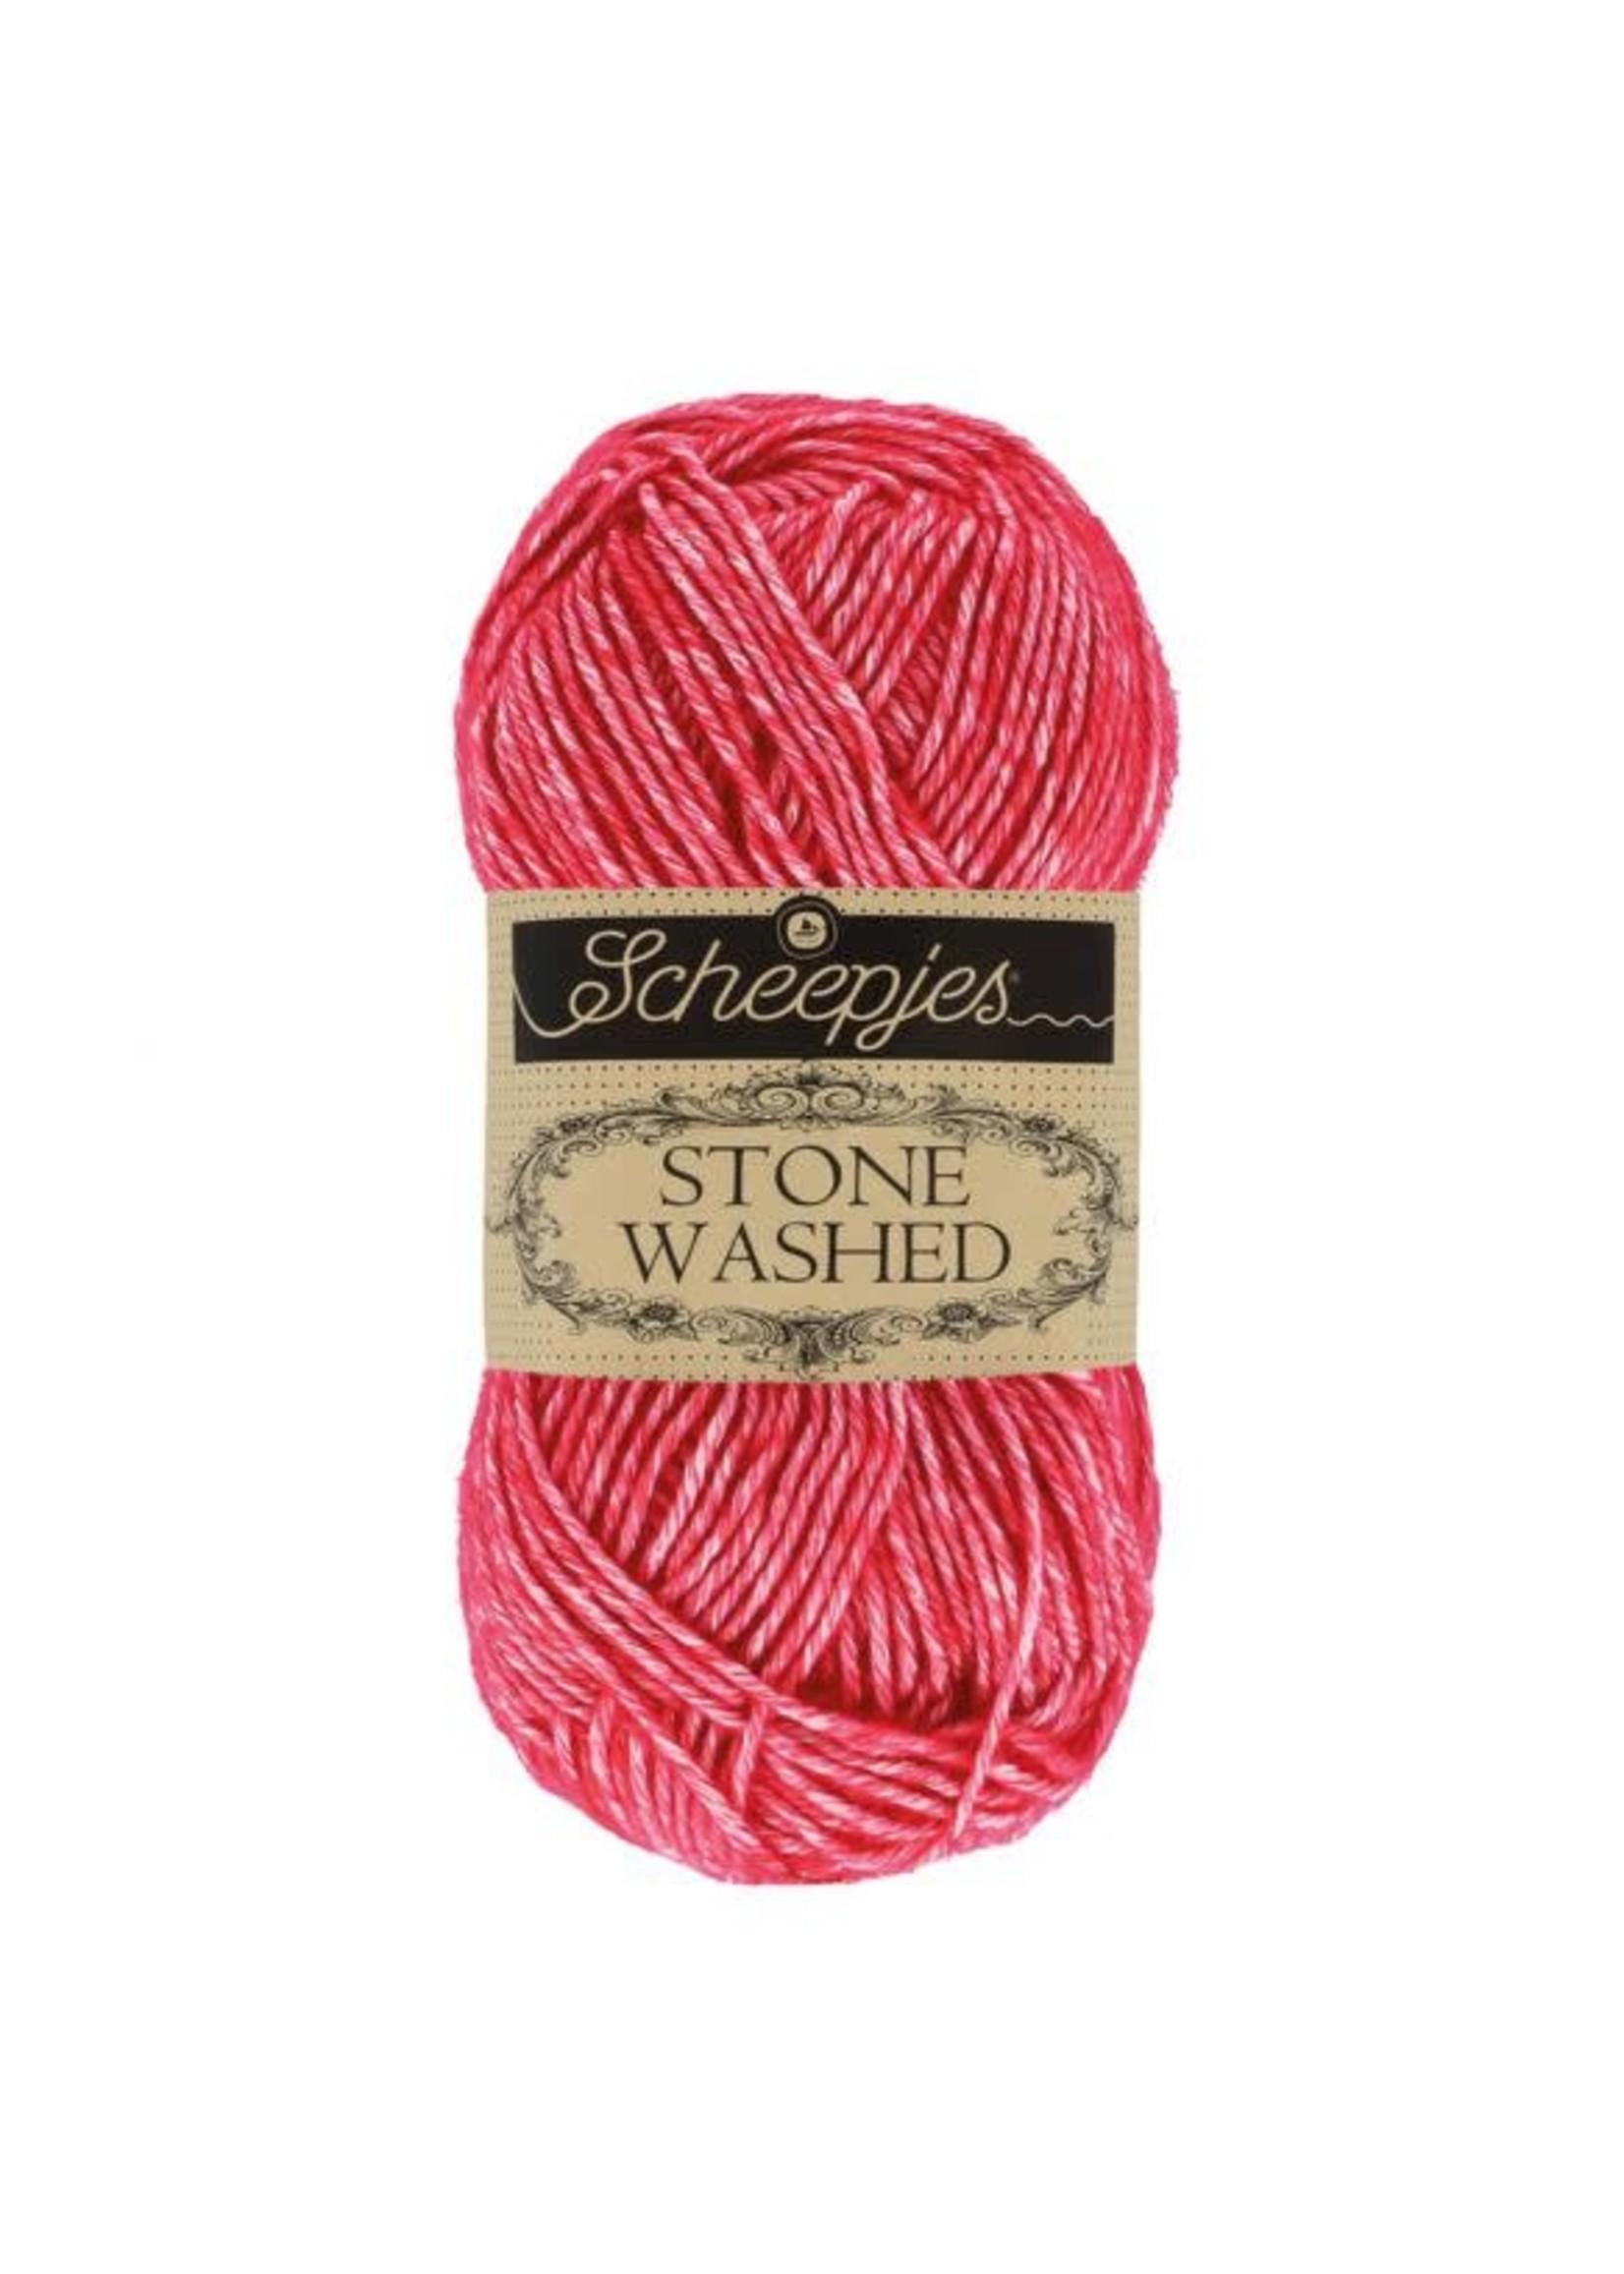 Scheepjes Stone Washed 50gr - 807 Red Jasper